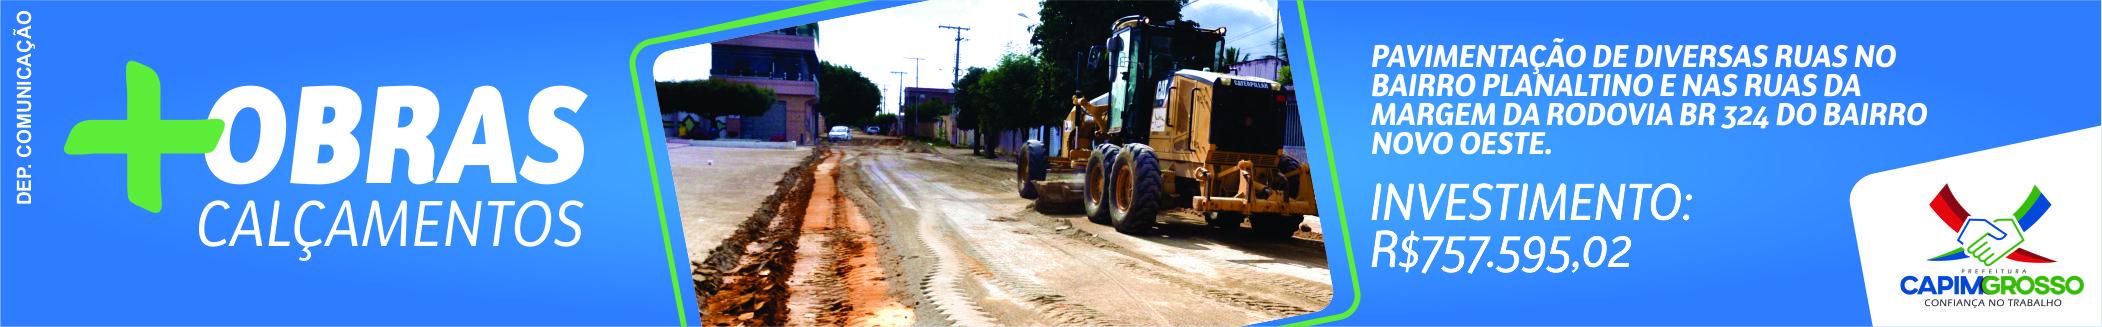 Prefeitura Municipal de Capim Grosso - Obras